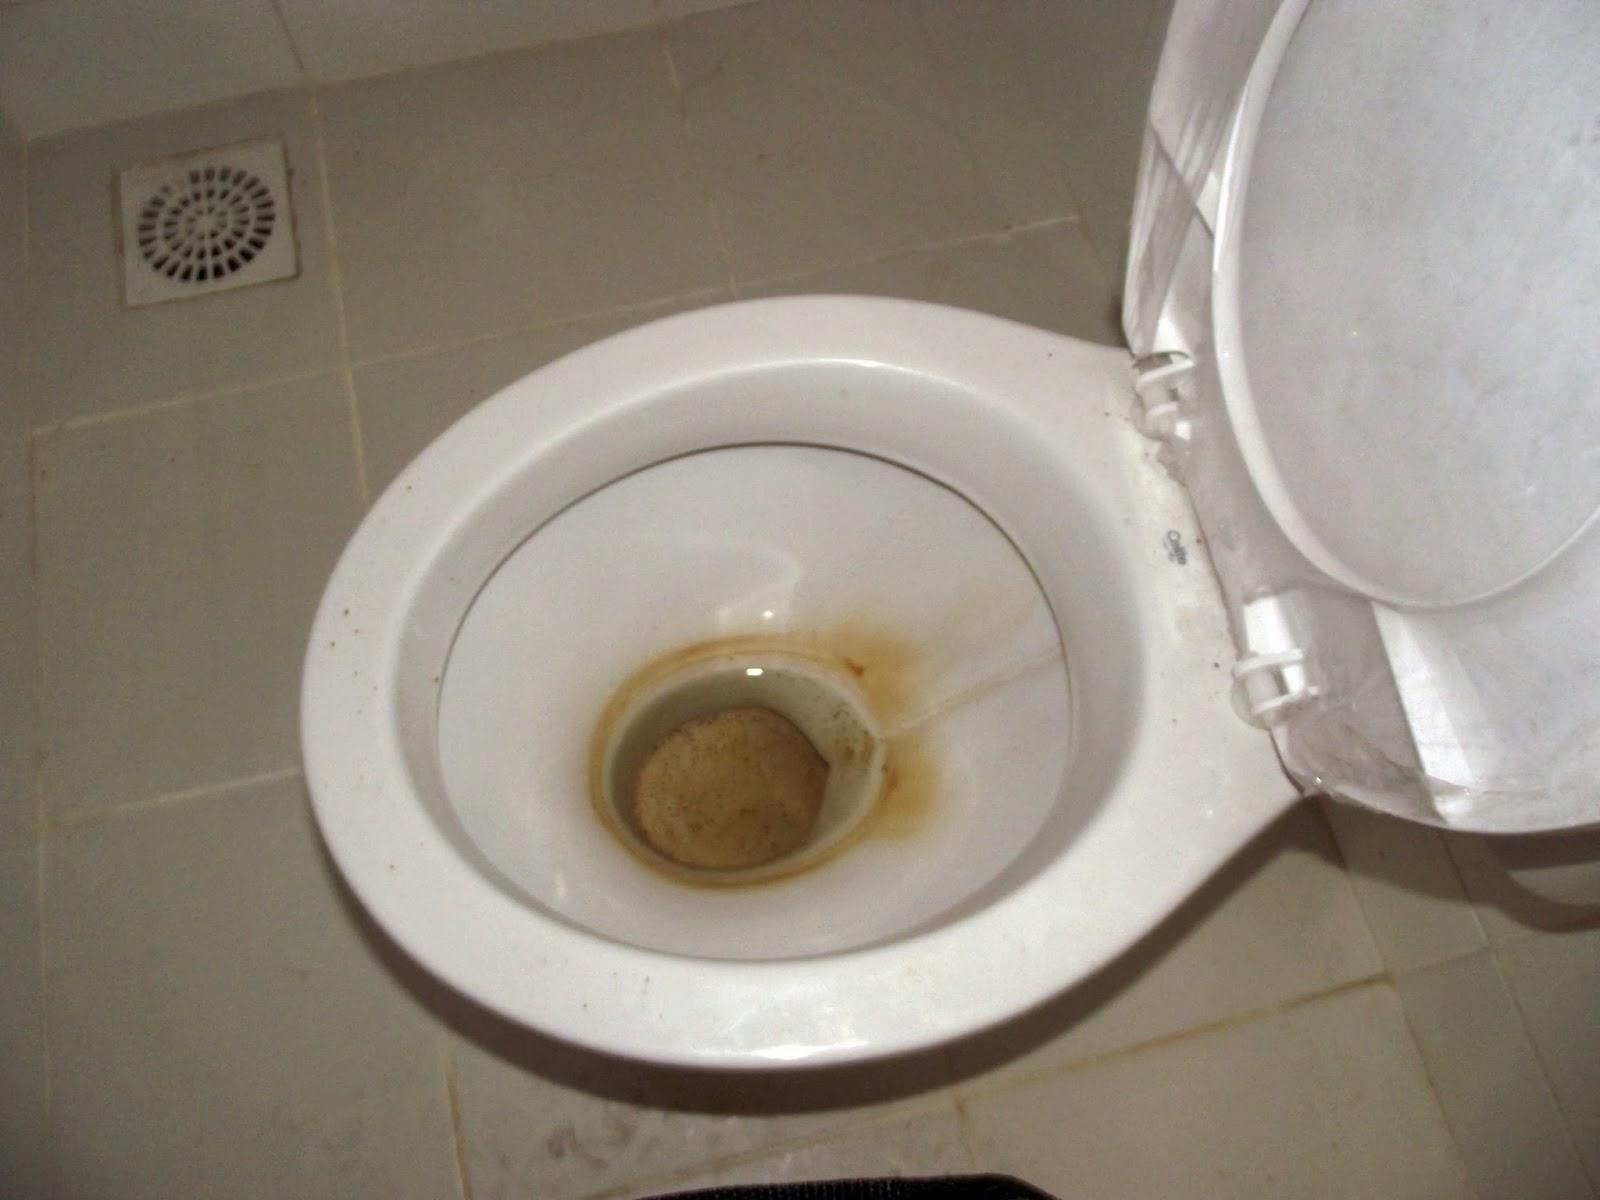 sacada rombo no banheiro da suíte rombo em outro banheiro #5C4E38 1600 1200